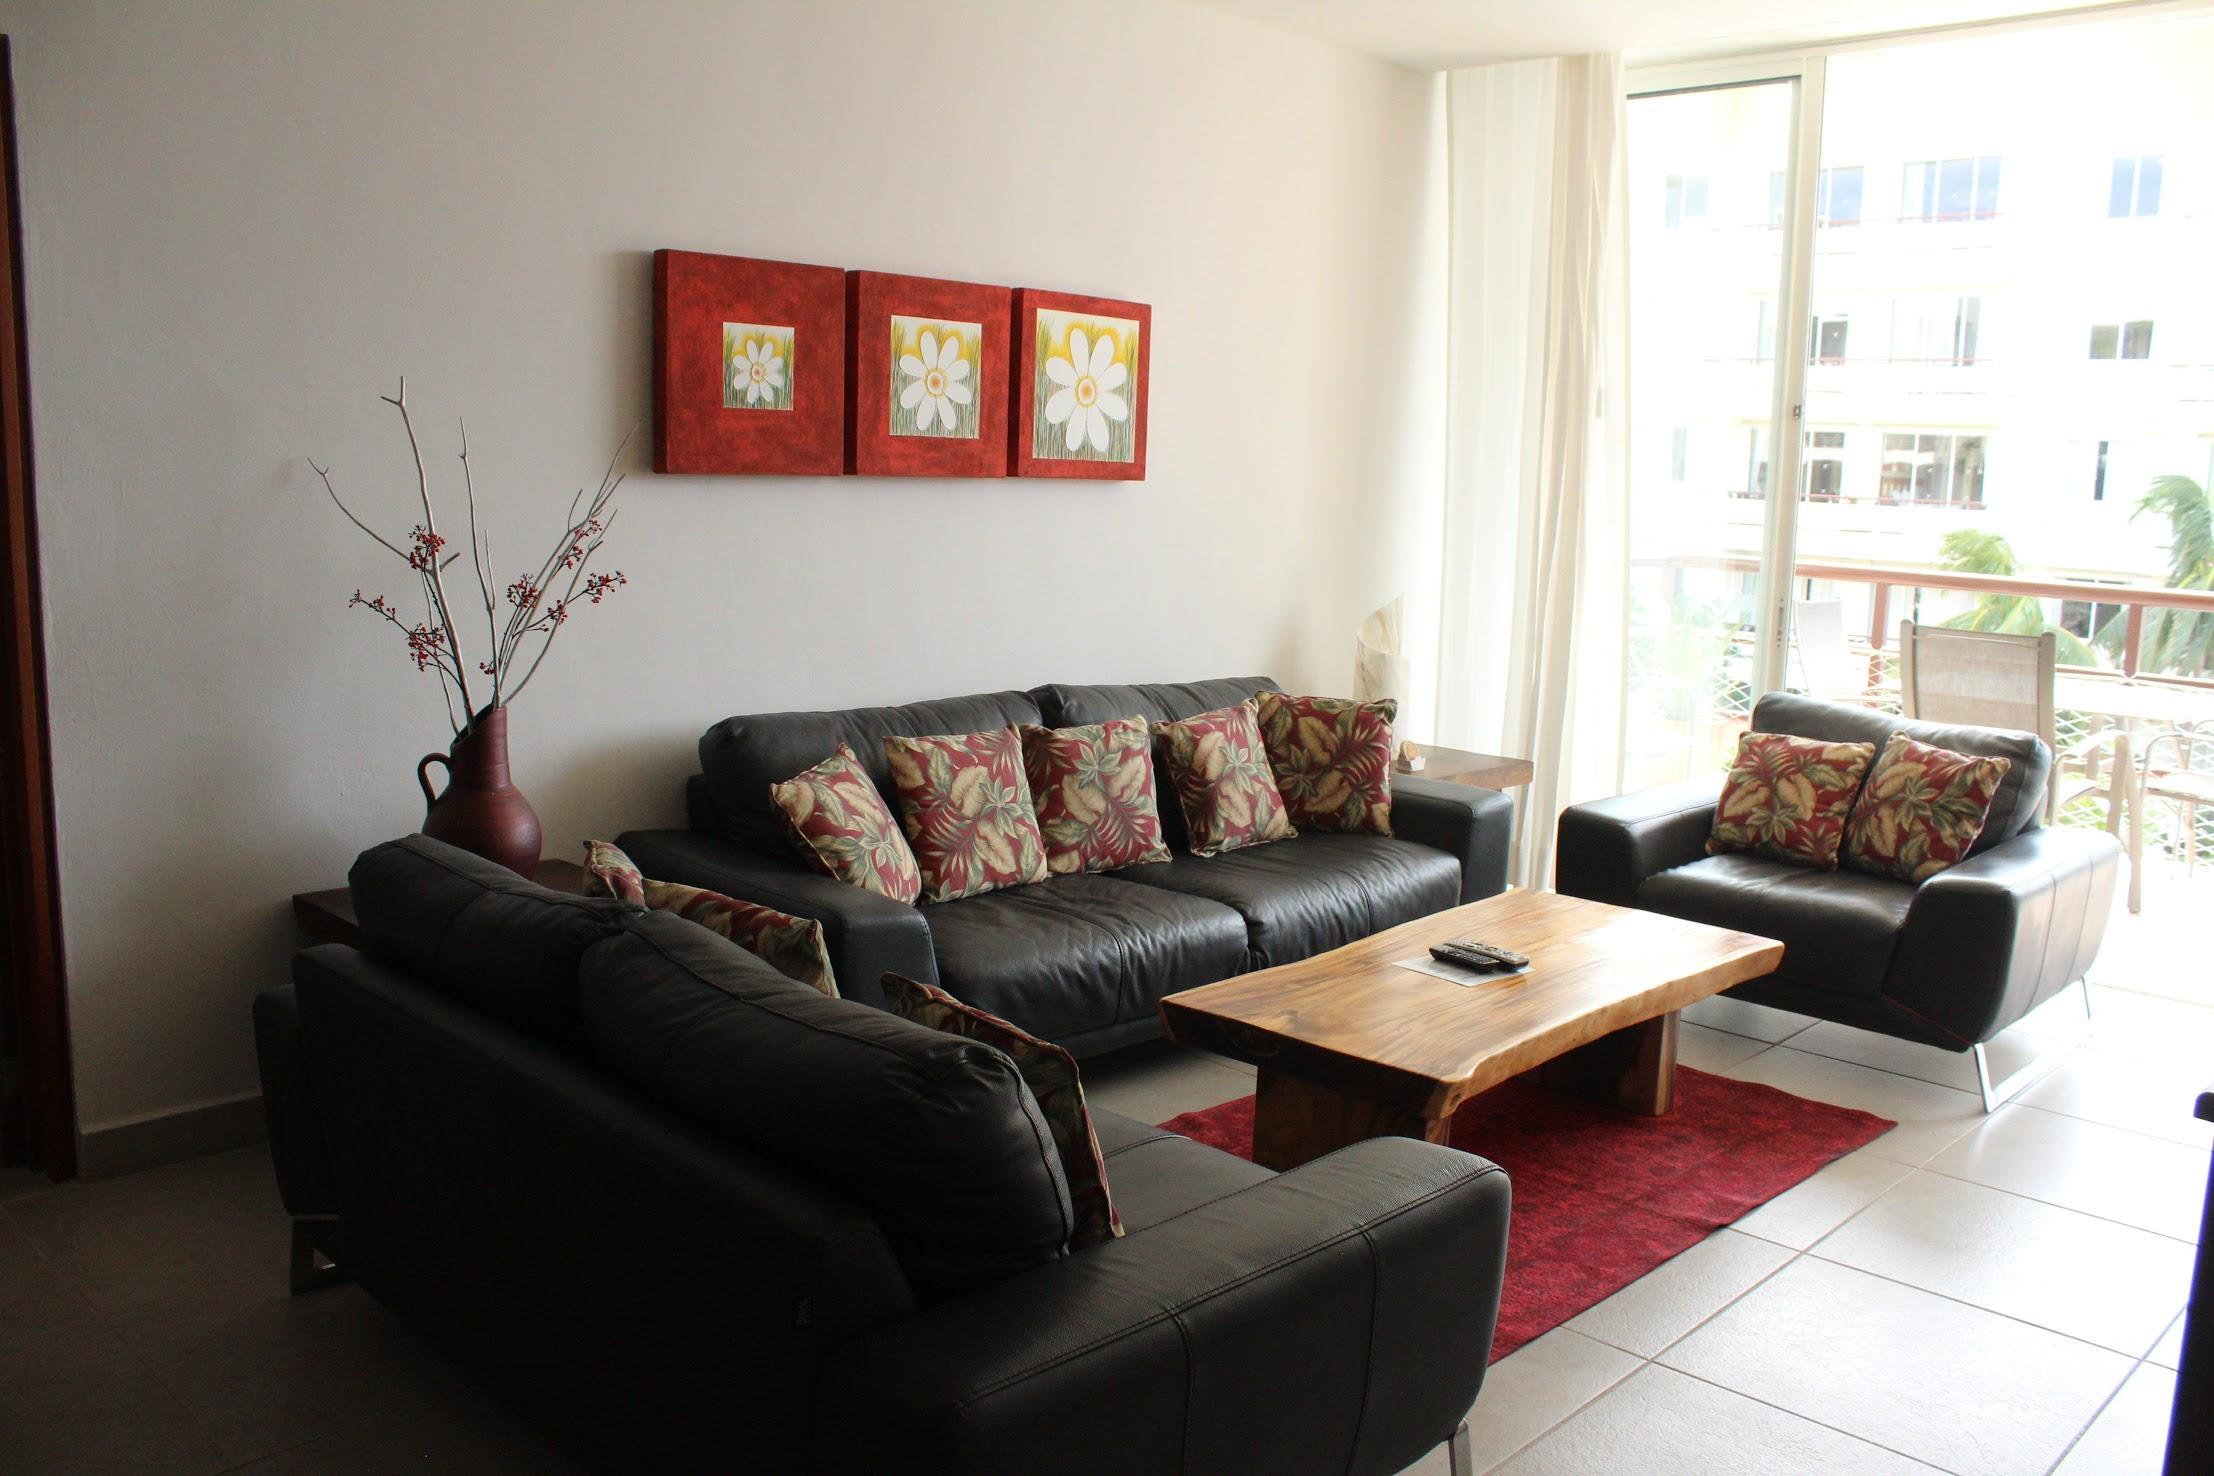 310 living room 2.CR2.jpg